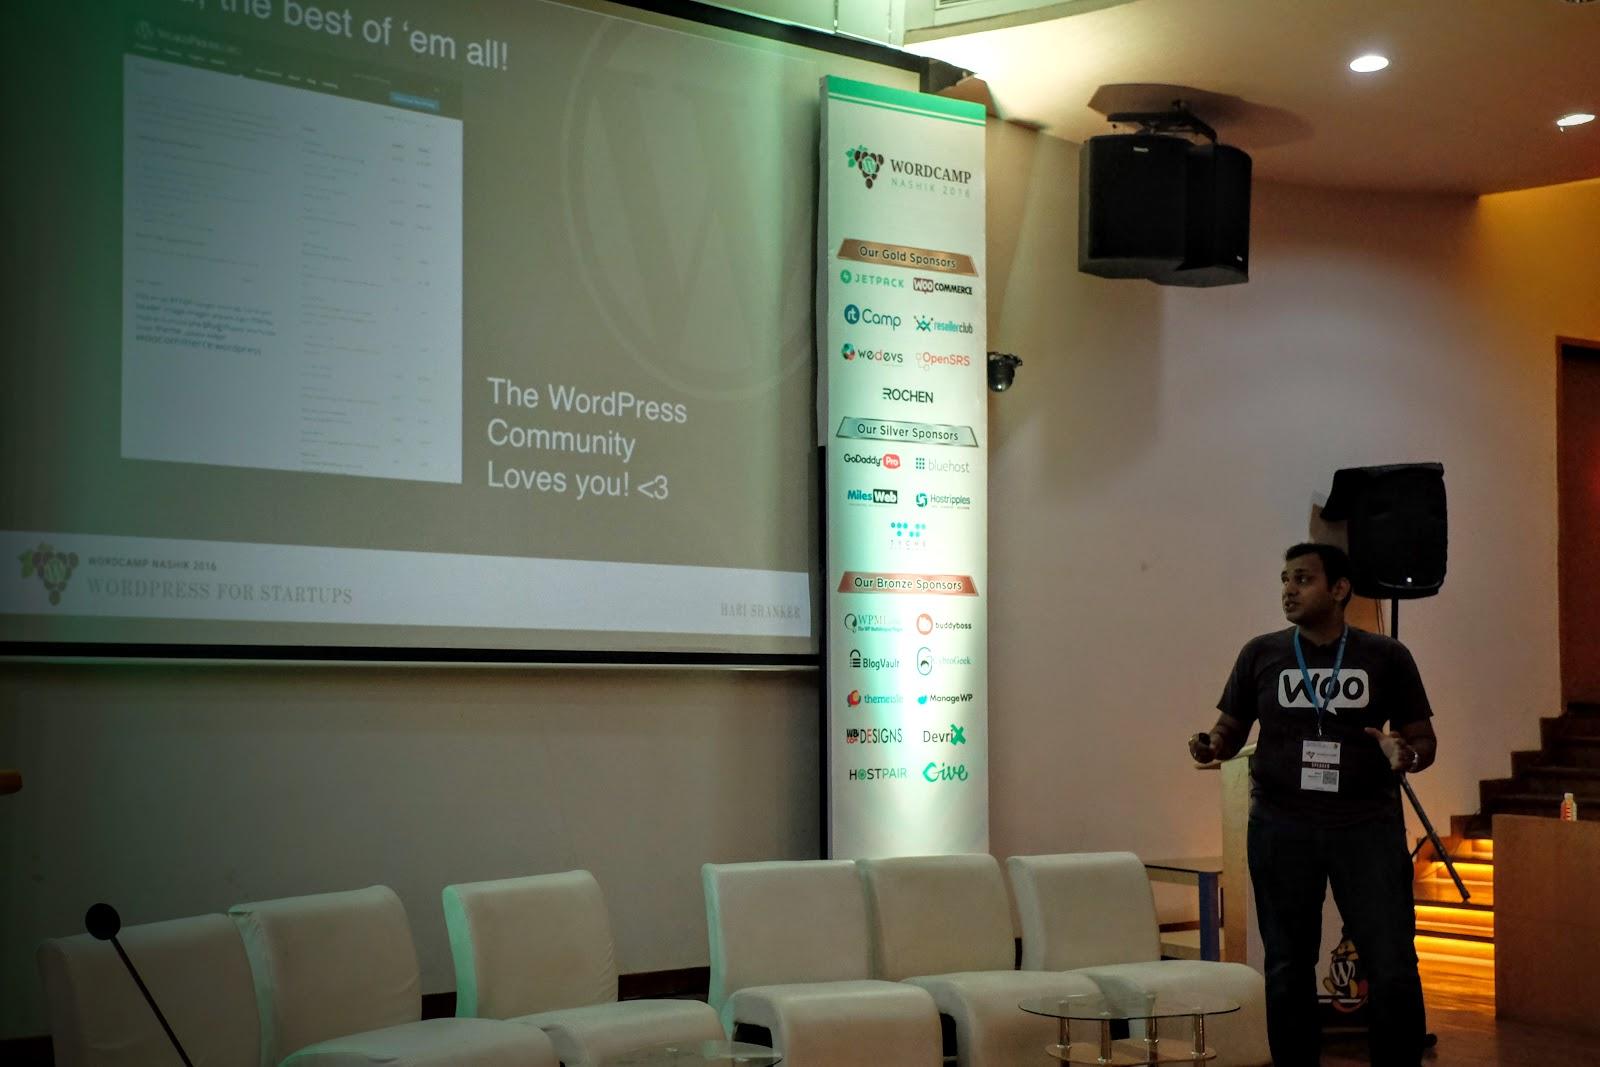 WordCamp Nashik